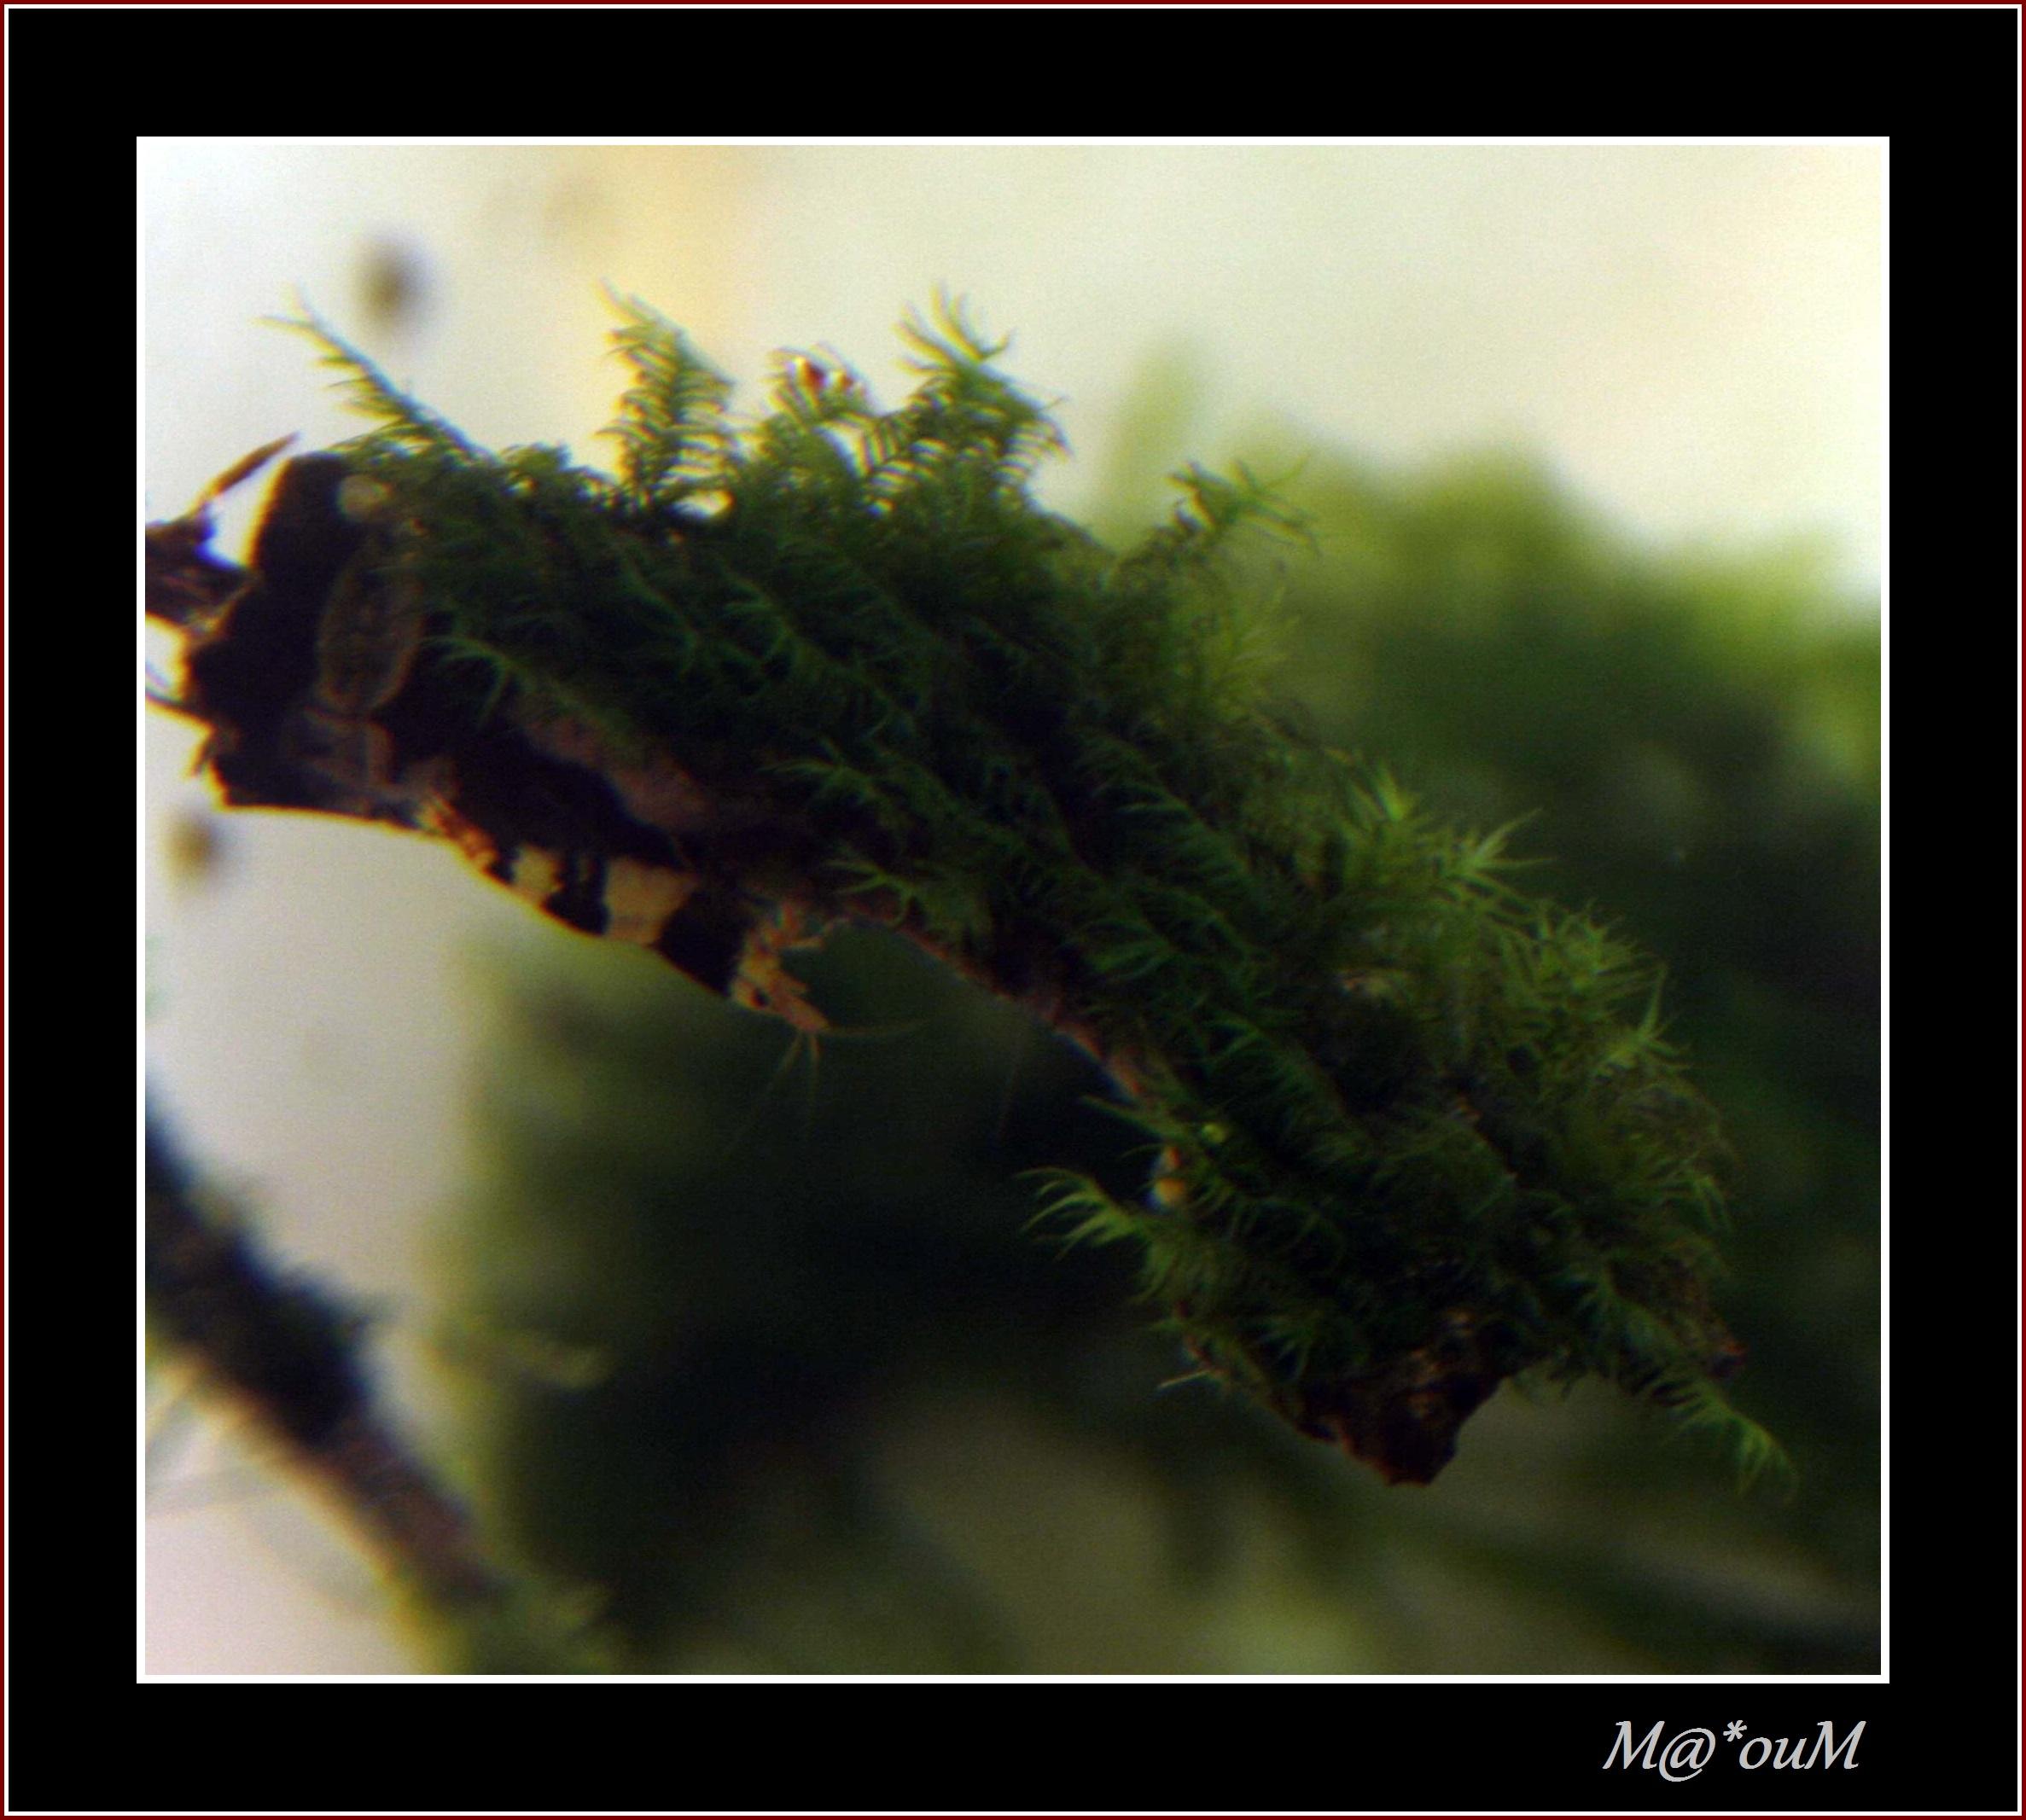 Fan de mousses aquatiques [Liste et photos] - Page 2 _MG_0957_GF